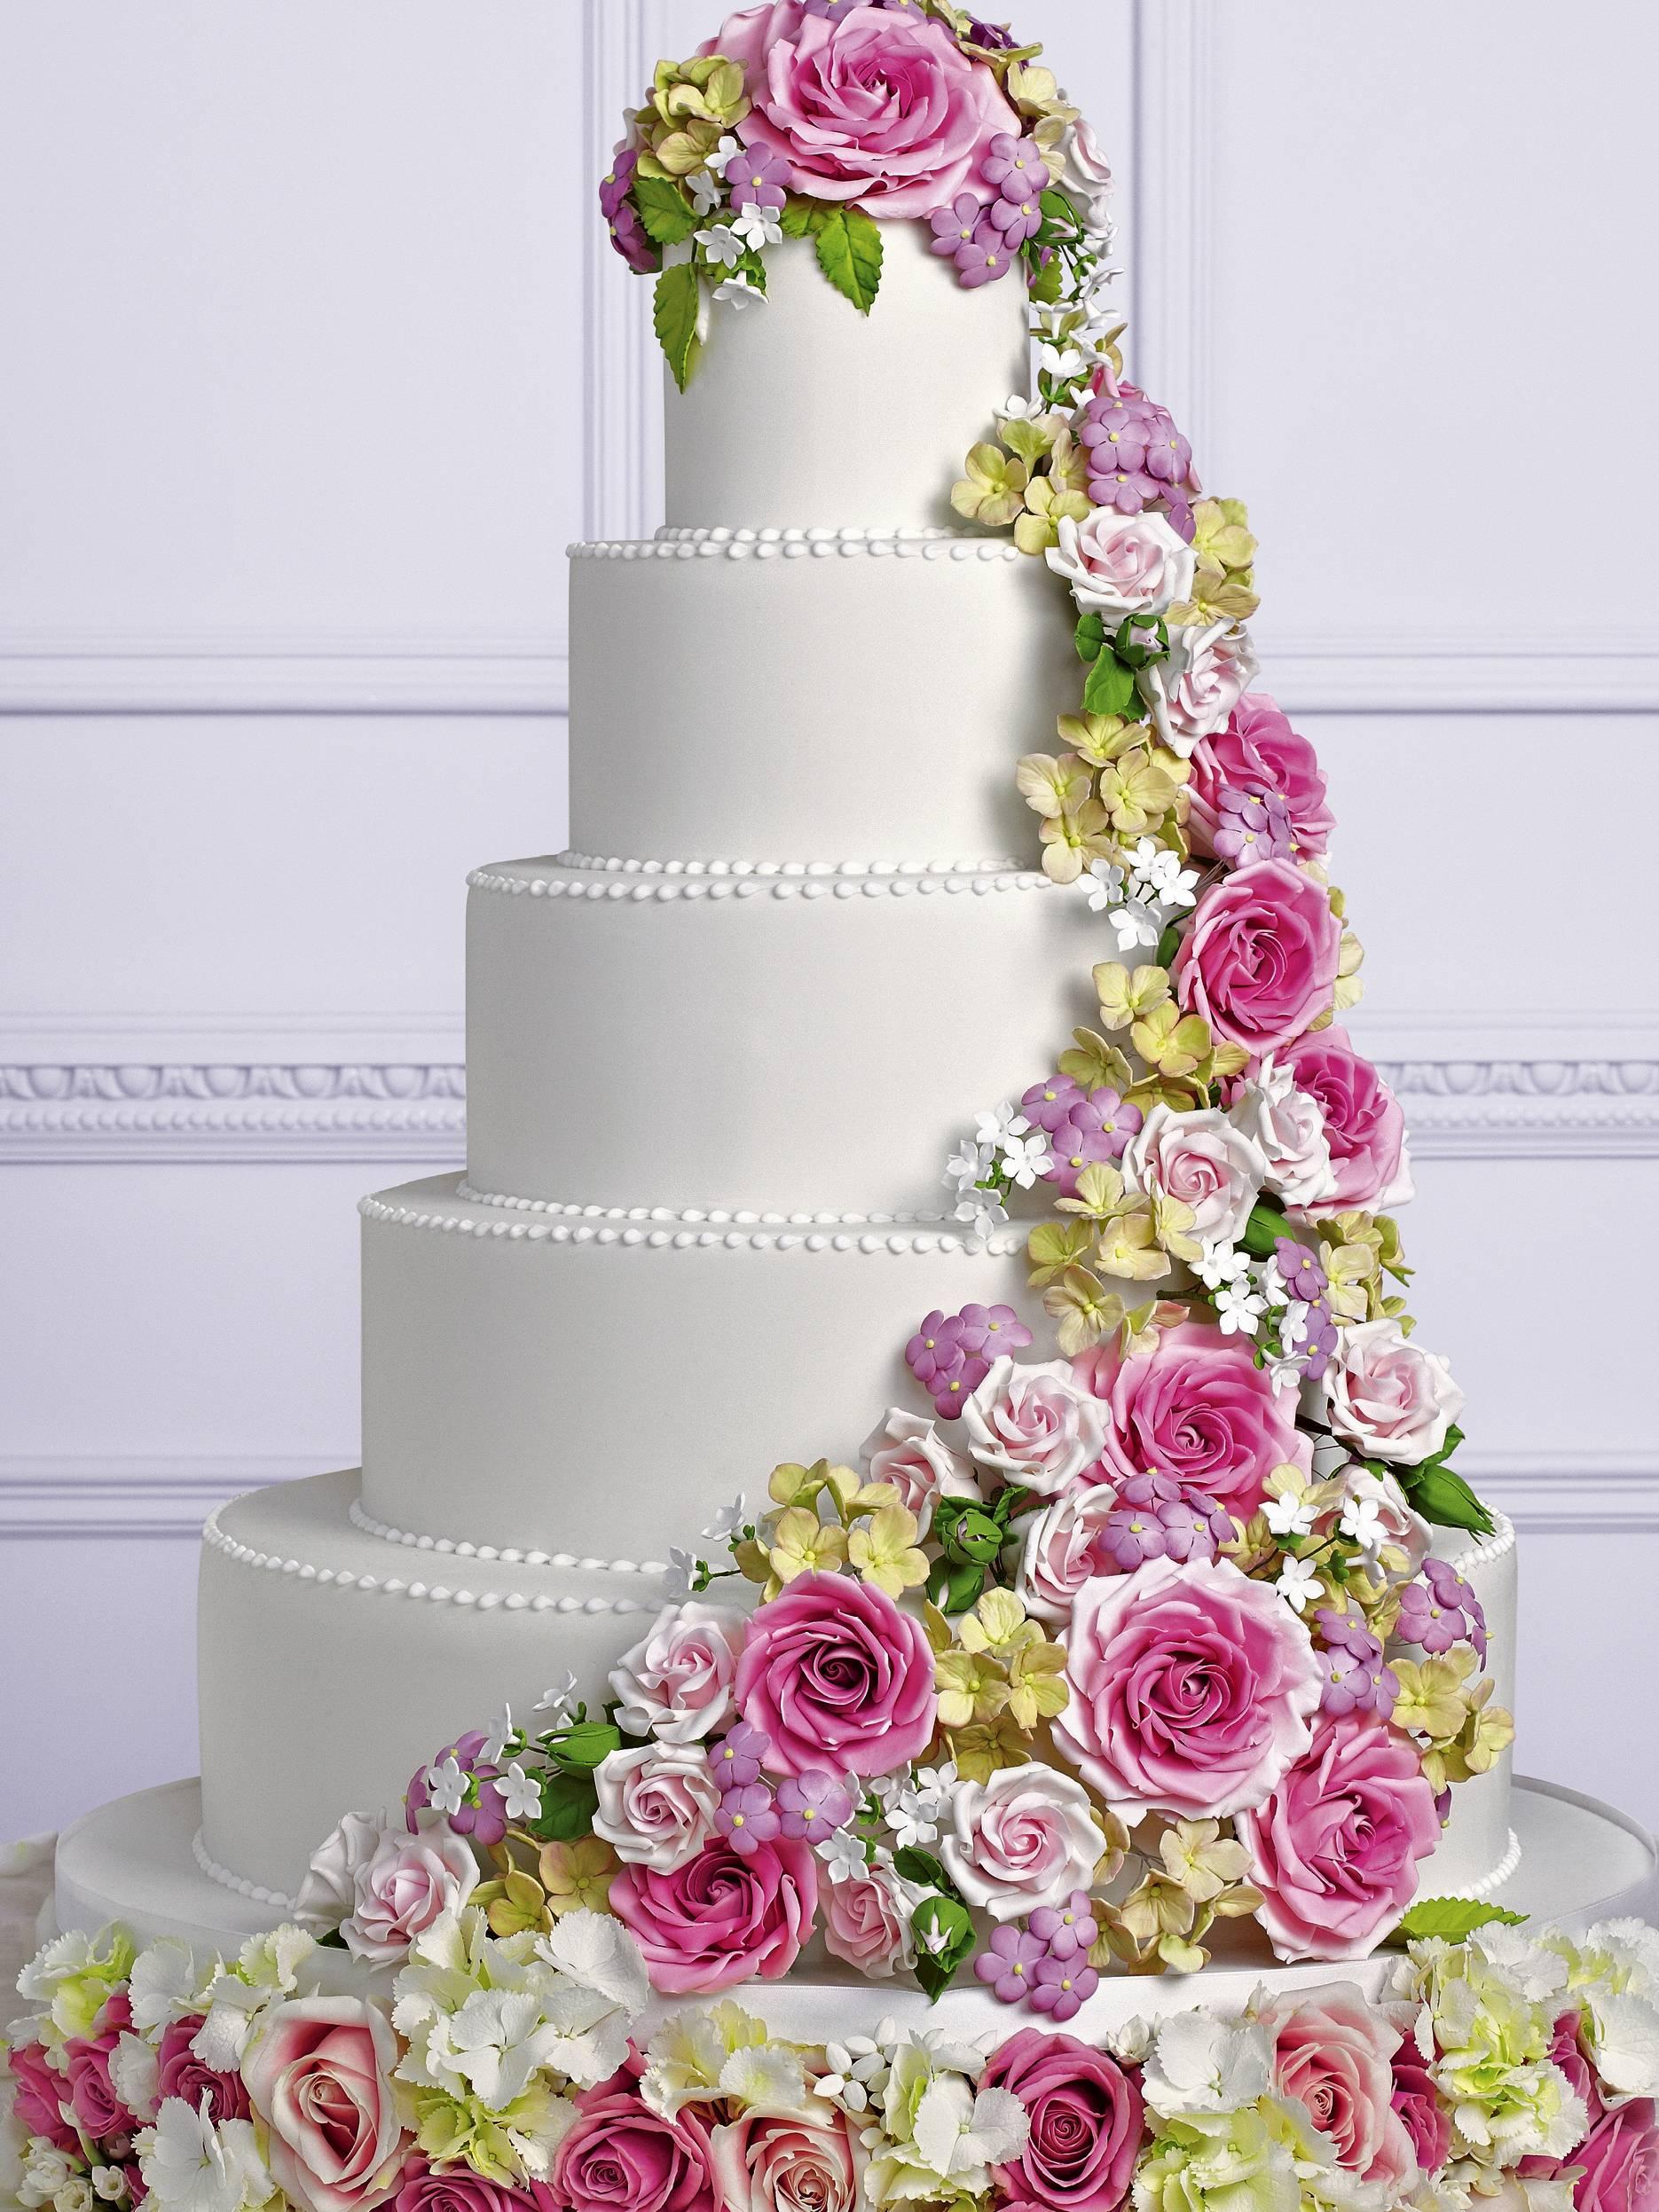 С чего начать подготовку к свадьбе: пошаговый план на шесть месяцев